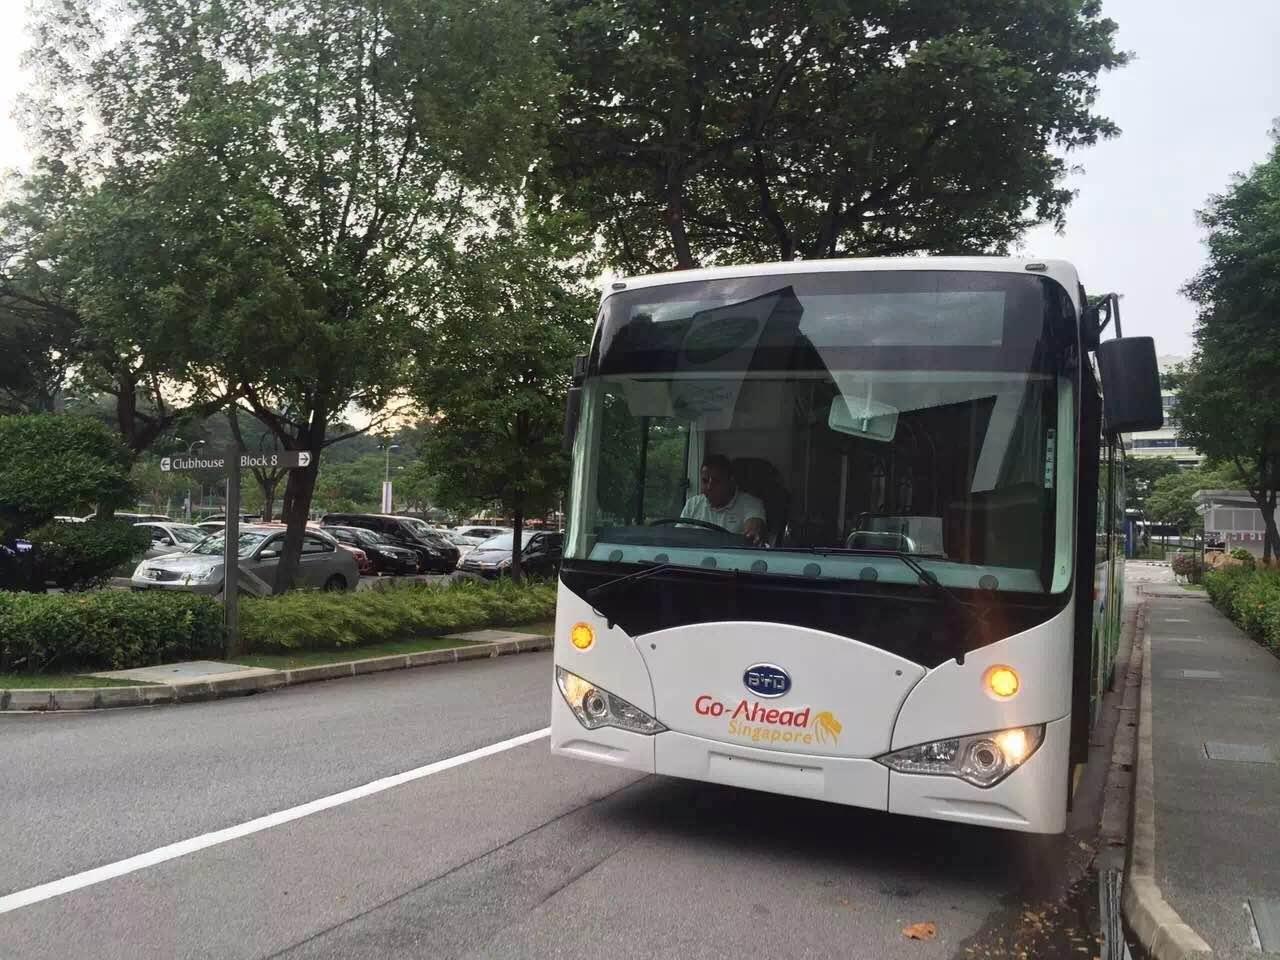 比亚迪汽车的官方微信透露,目前,新加坡1.